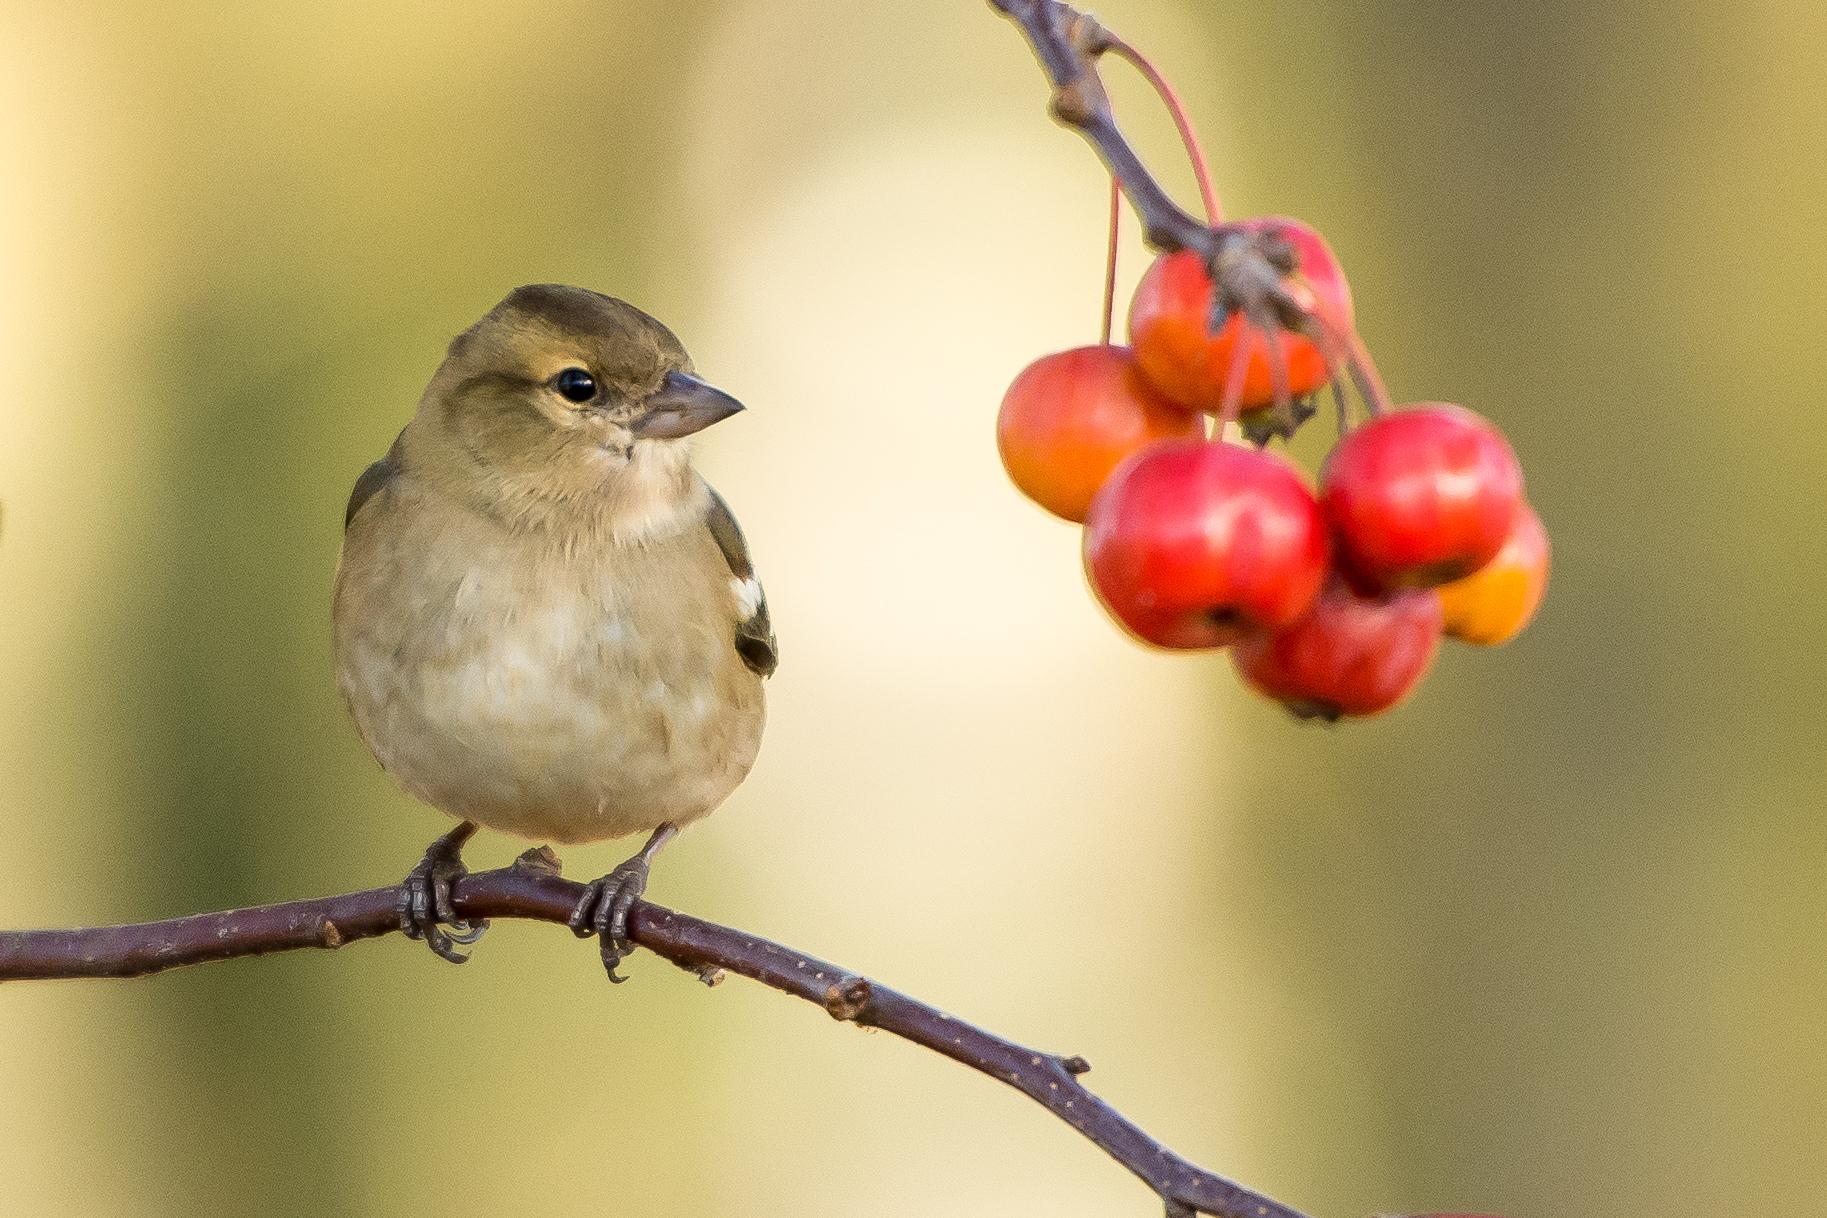 bird-Vogel-Natur-Beeren-nature-berries